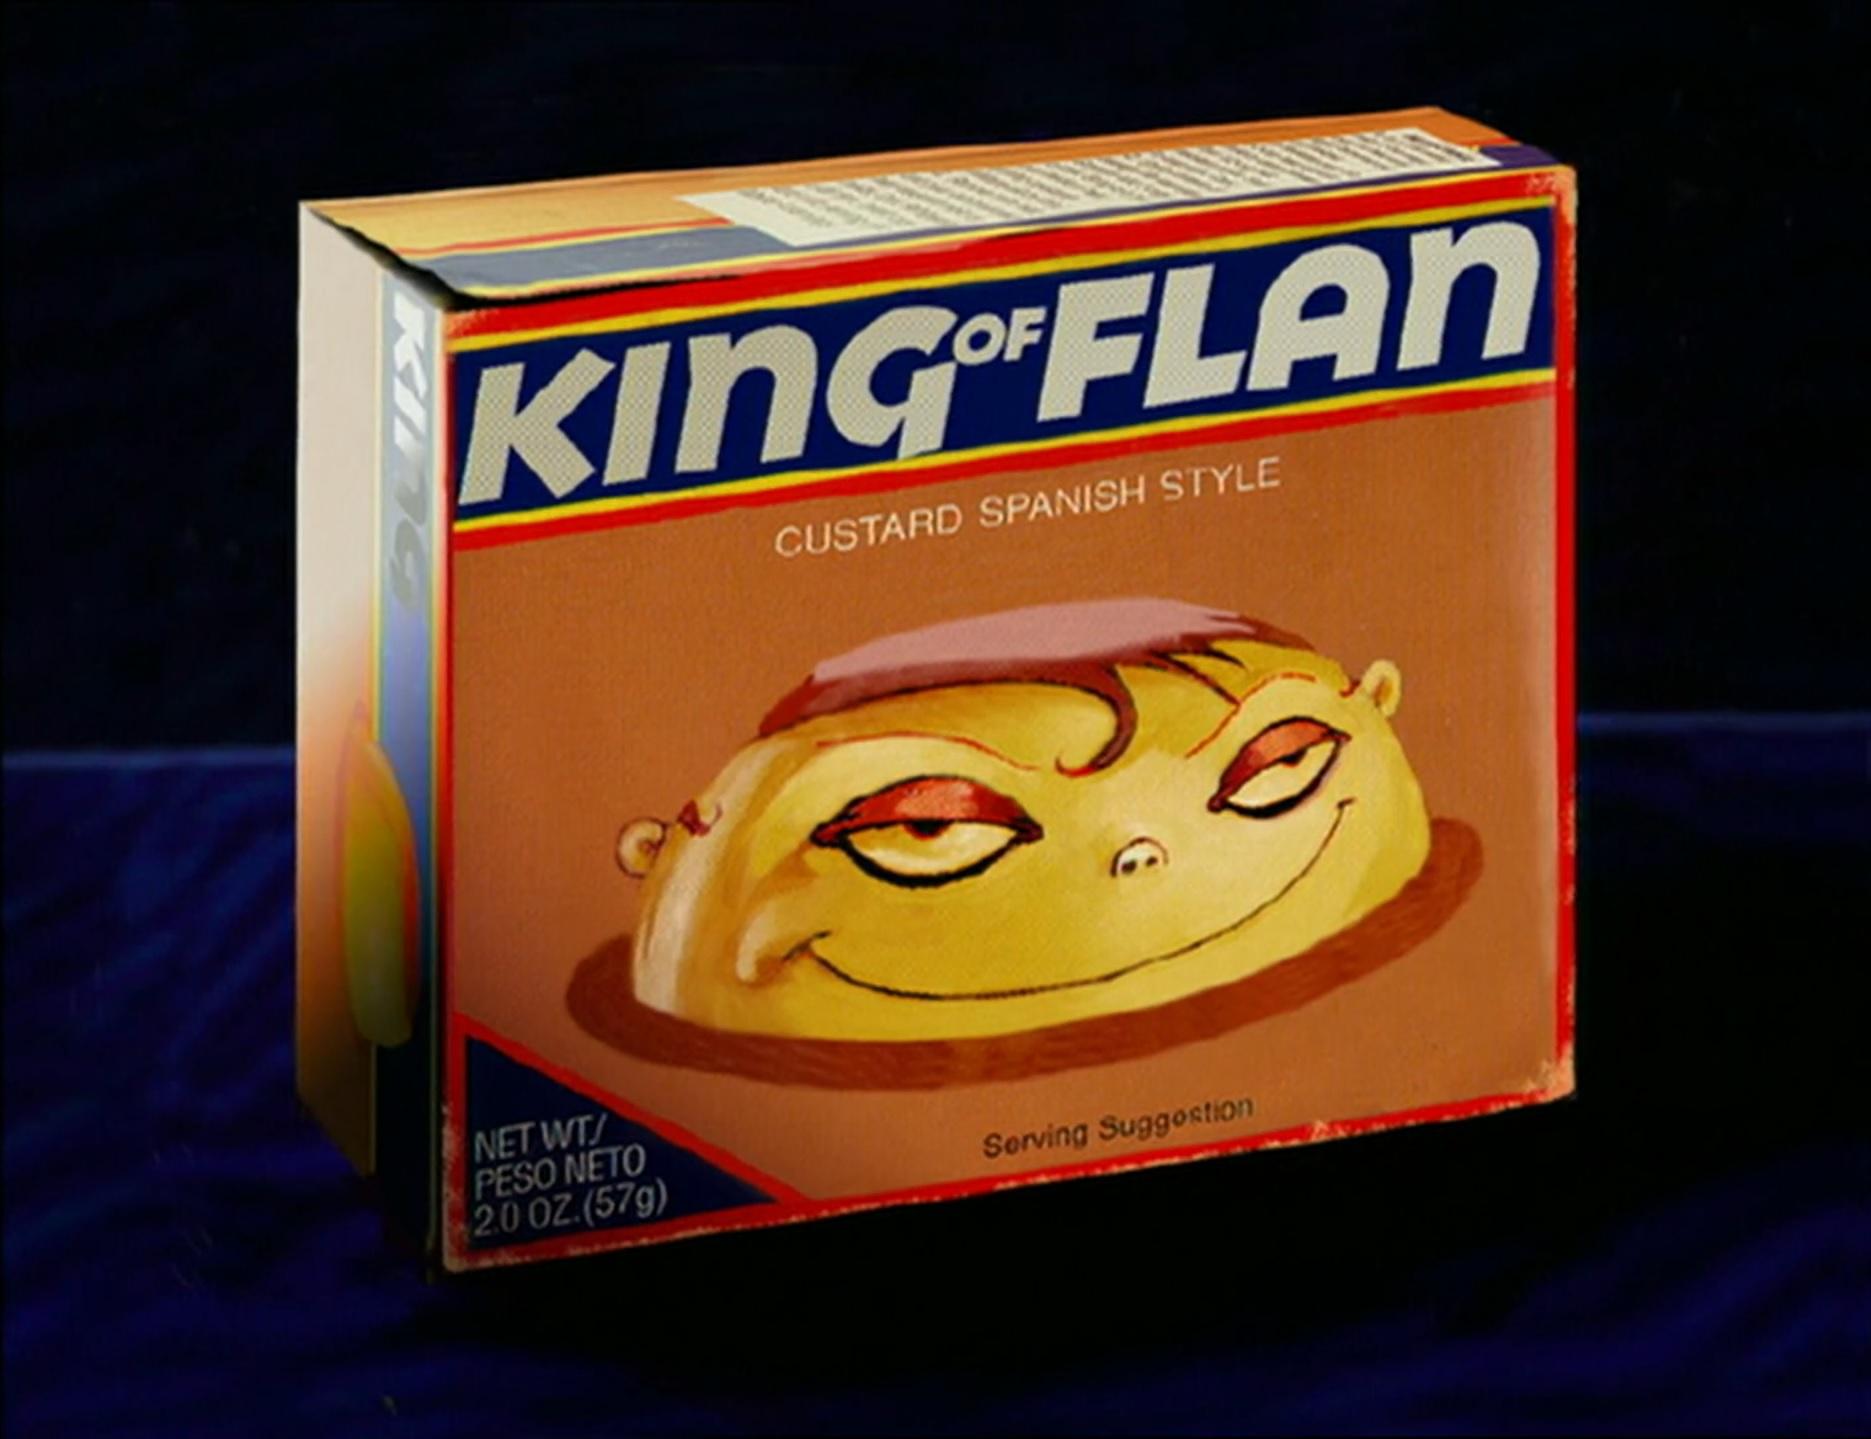 King of Flan (episode)